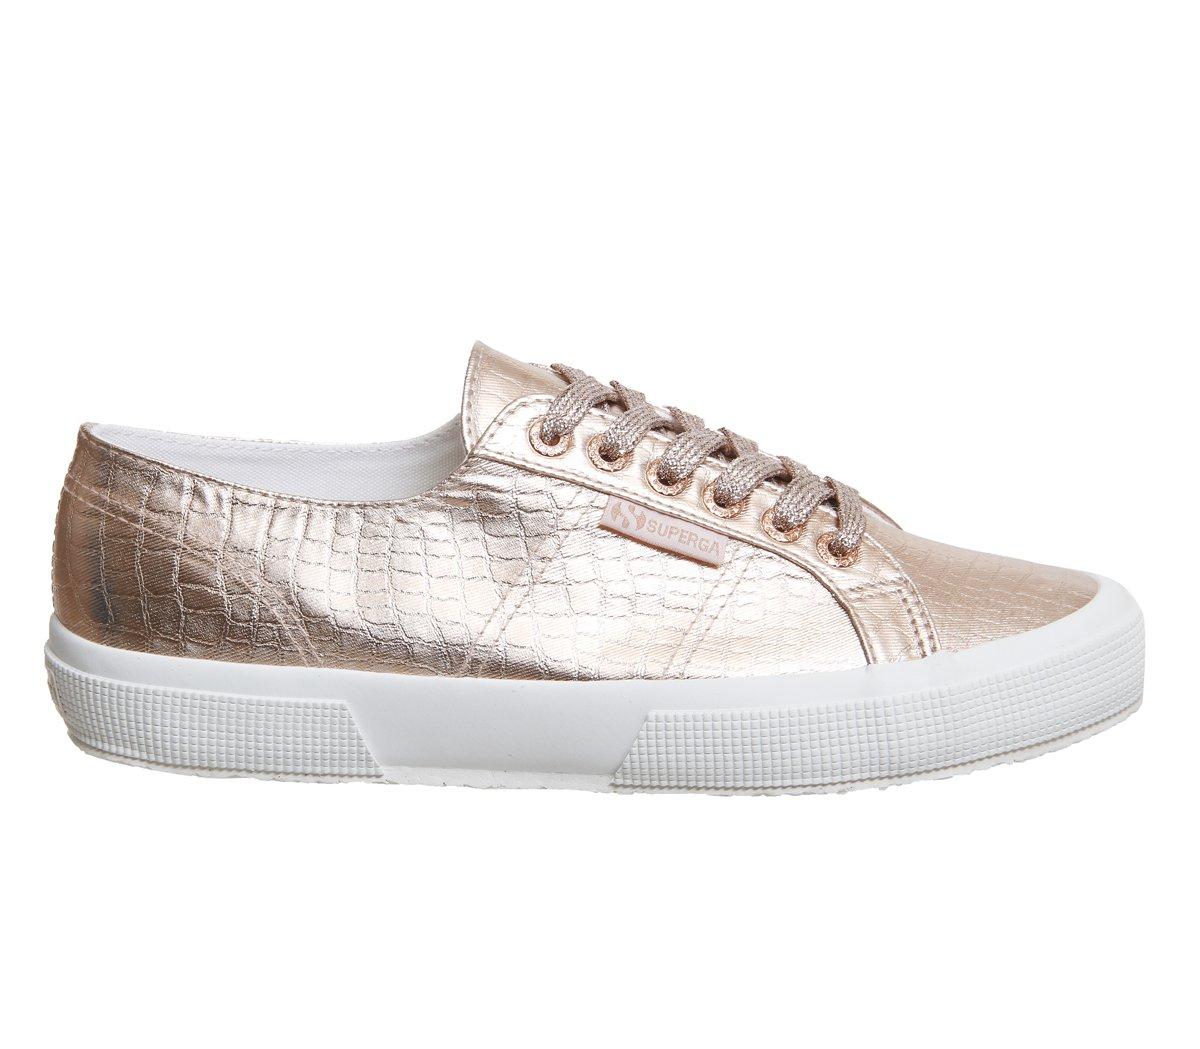 Superga - Zapatillas de deporte de algodón para hombre 37.5 EU Rose Gold